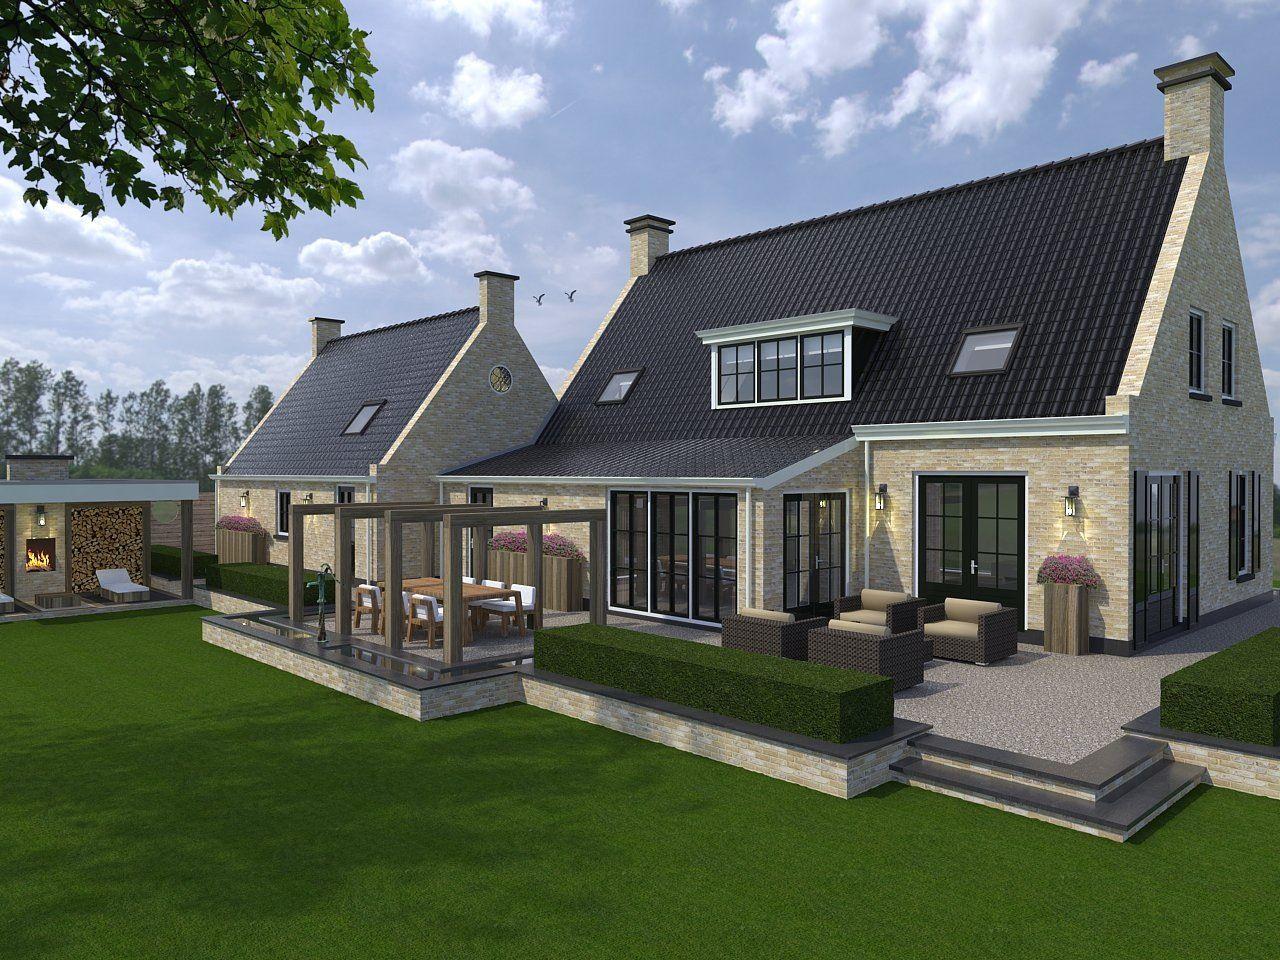 ontwerp en visualisatie tuin nieuwbouw woning sch ne h user interessante m glichkeiten. Black Bedroom Furniture Sets. Home Design Ideas